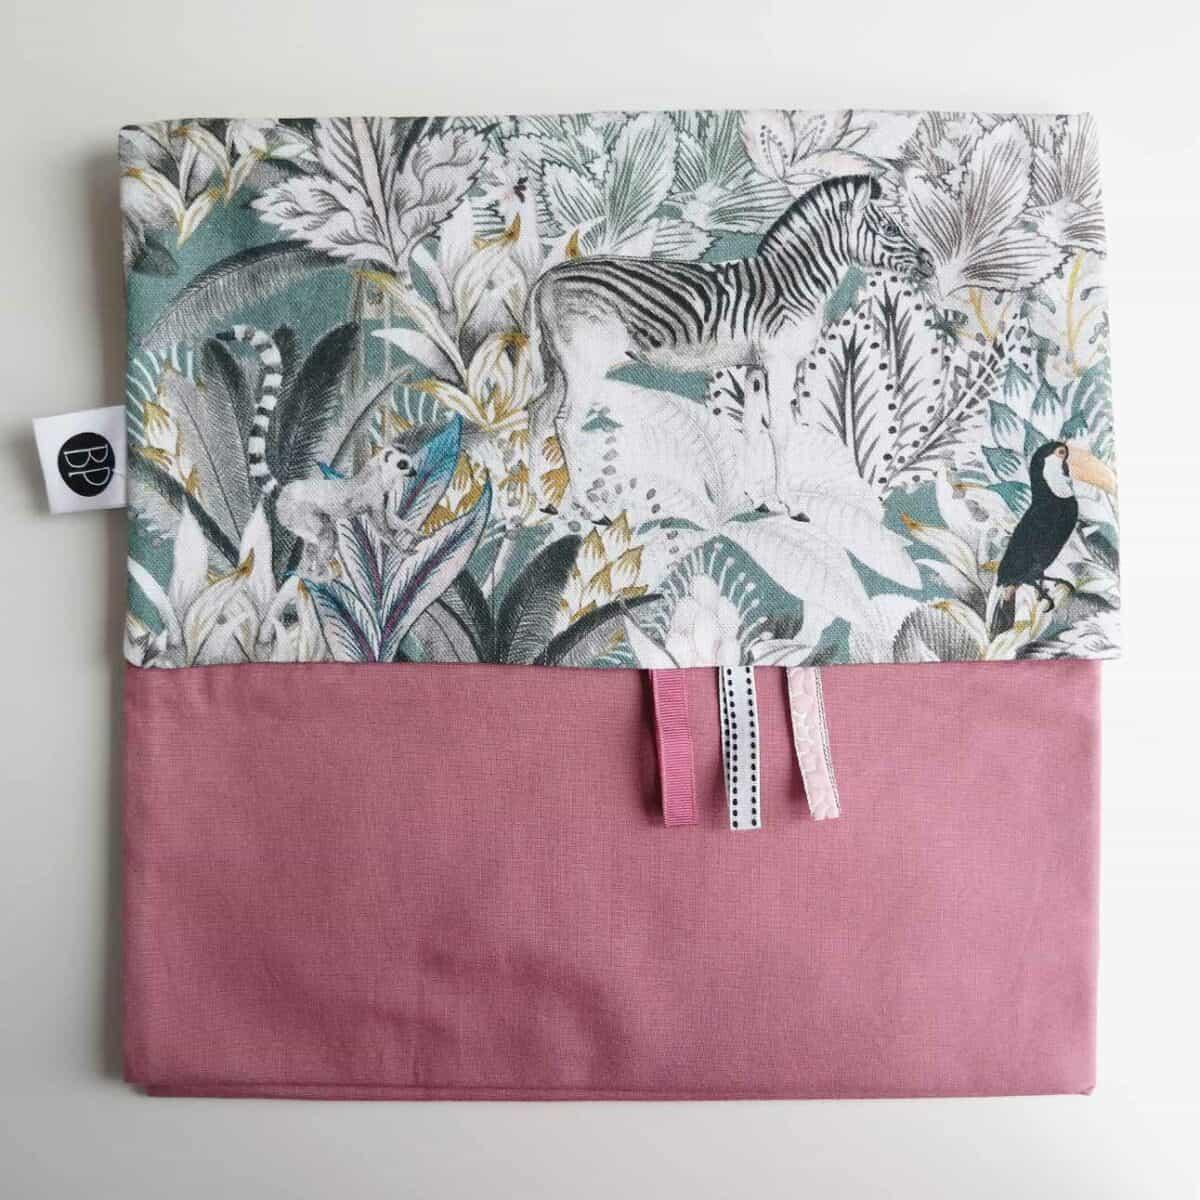 Babylaken met jungle print roze